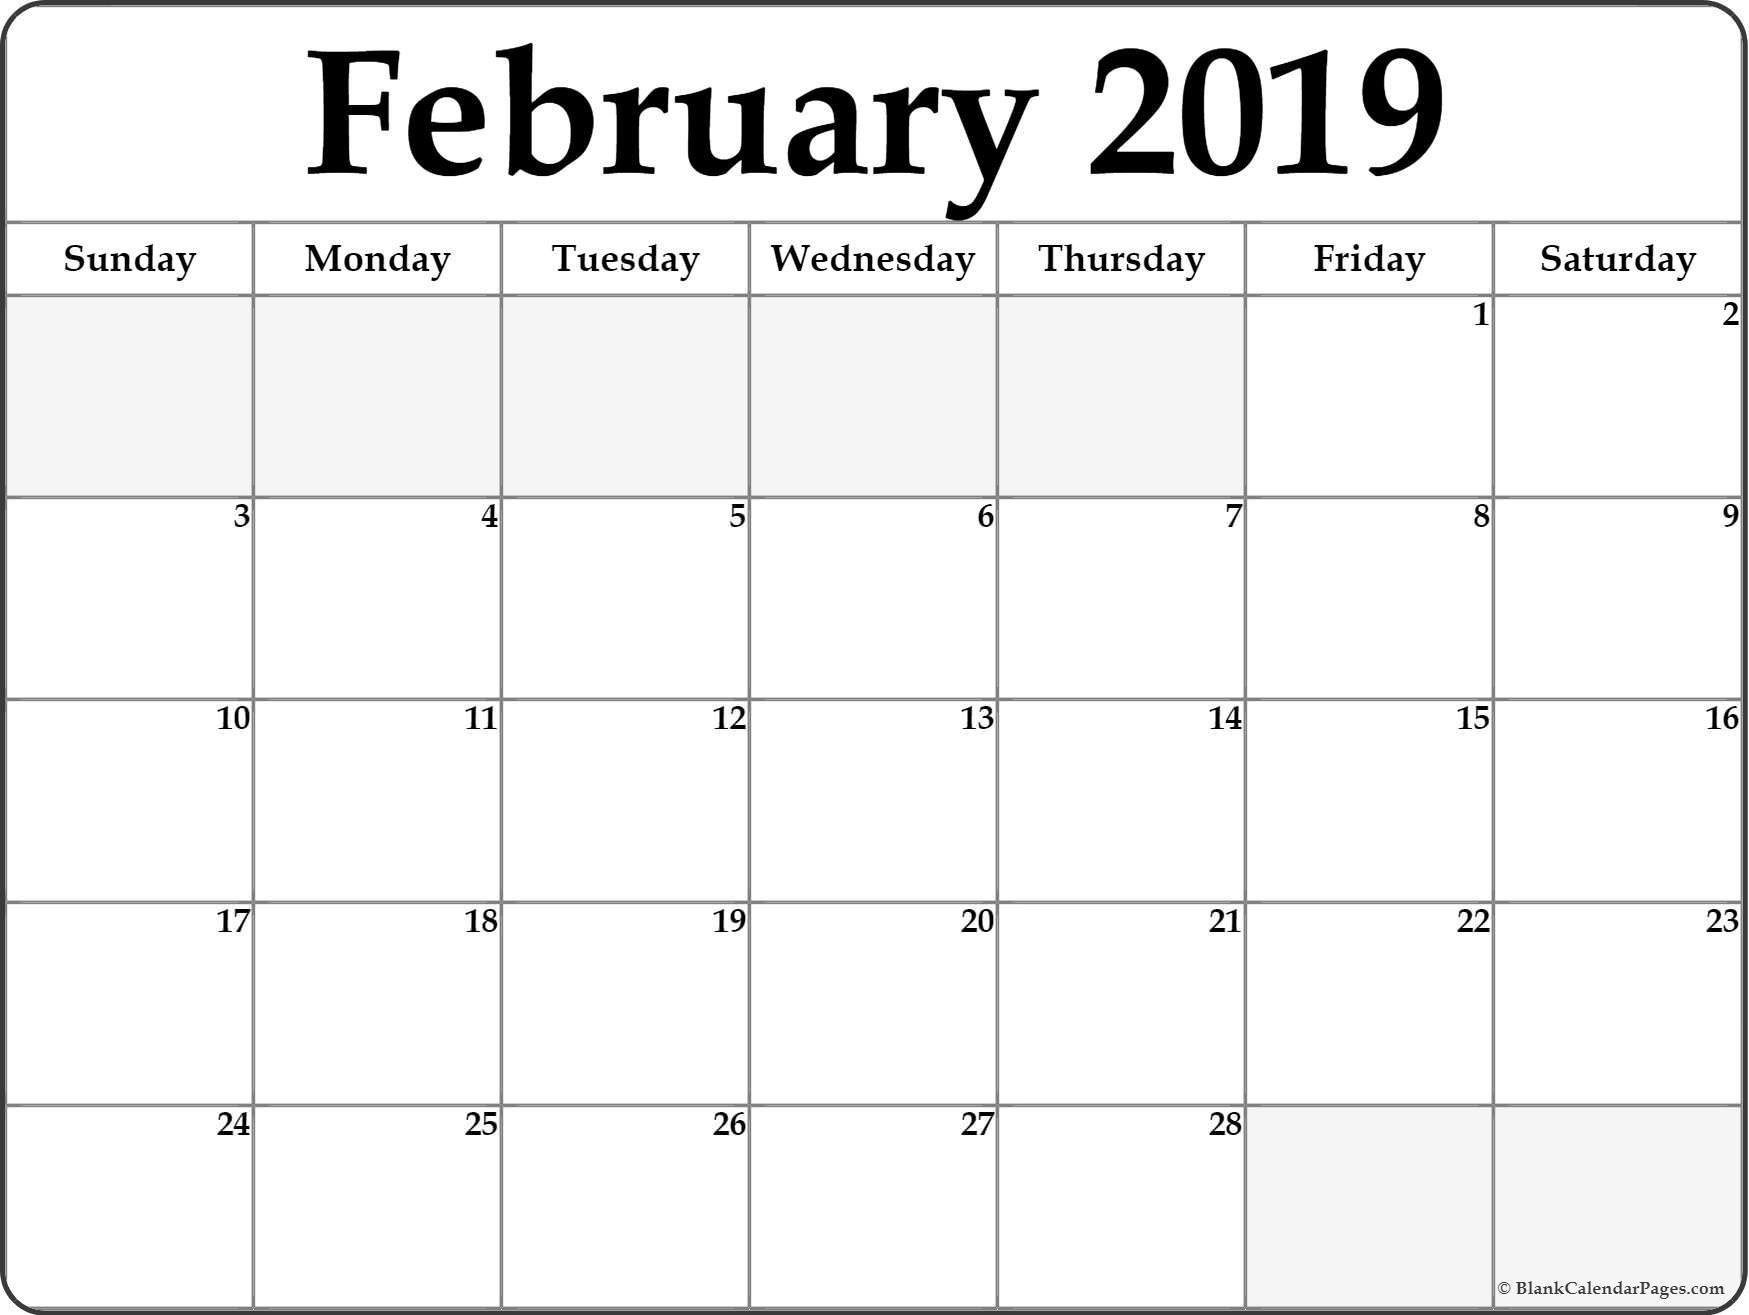 February Calendar Editable 2019 | Calendar Word, Editable  Free Printable Blank Monthly Calendar Templates Editable